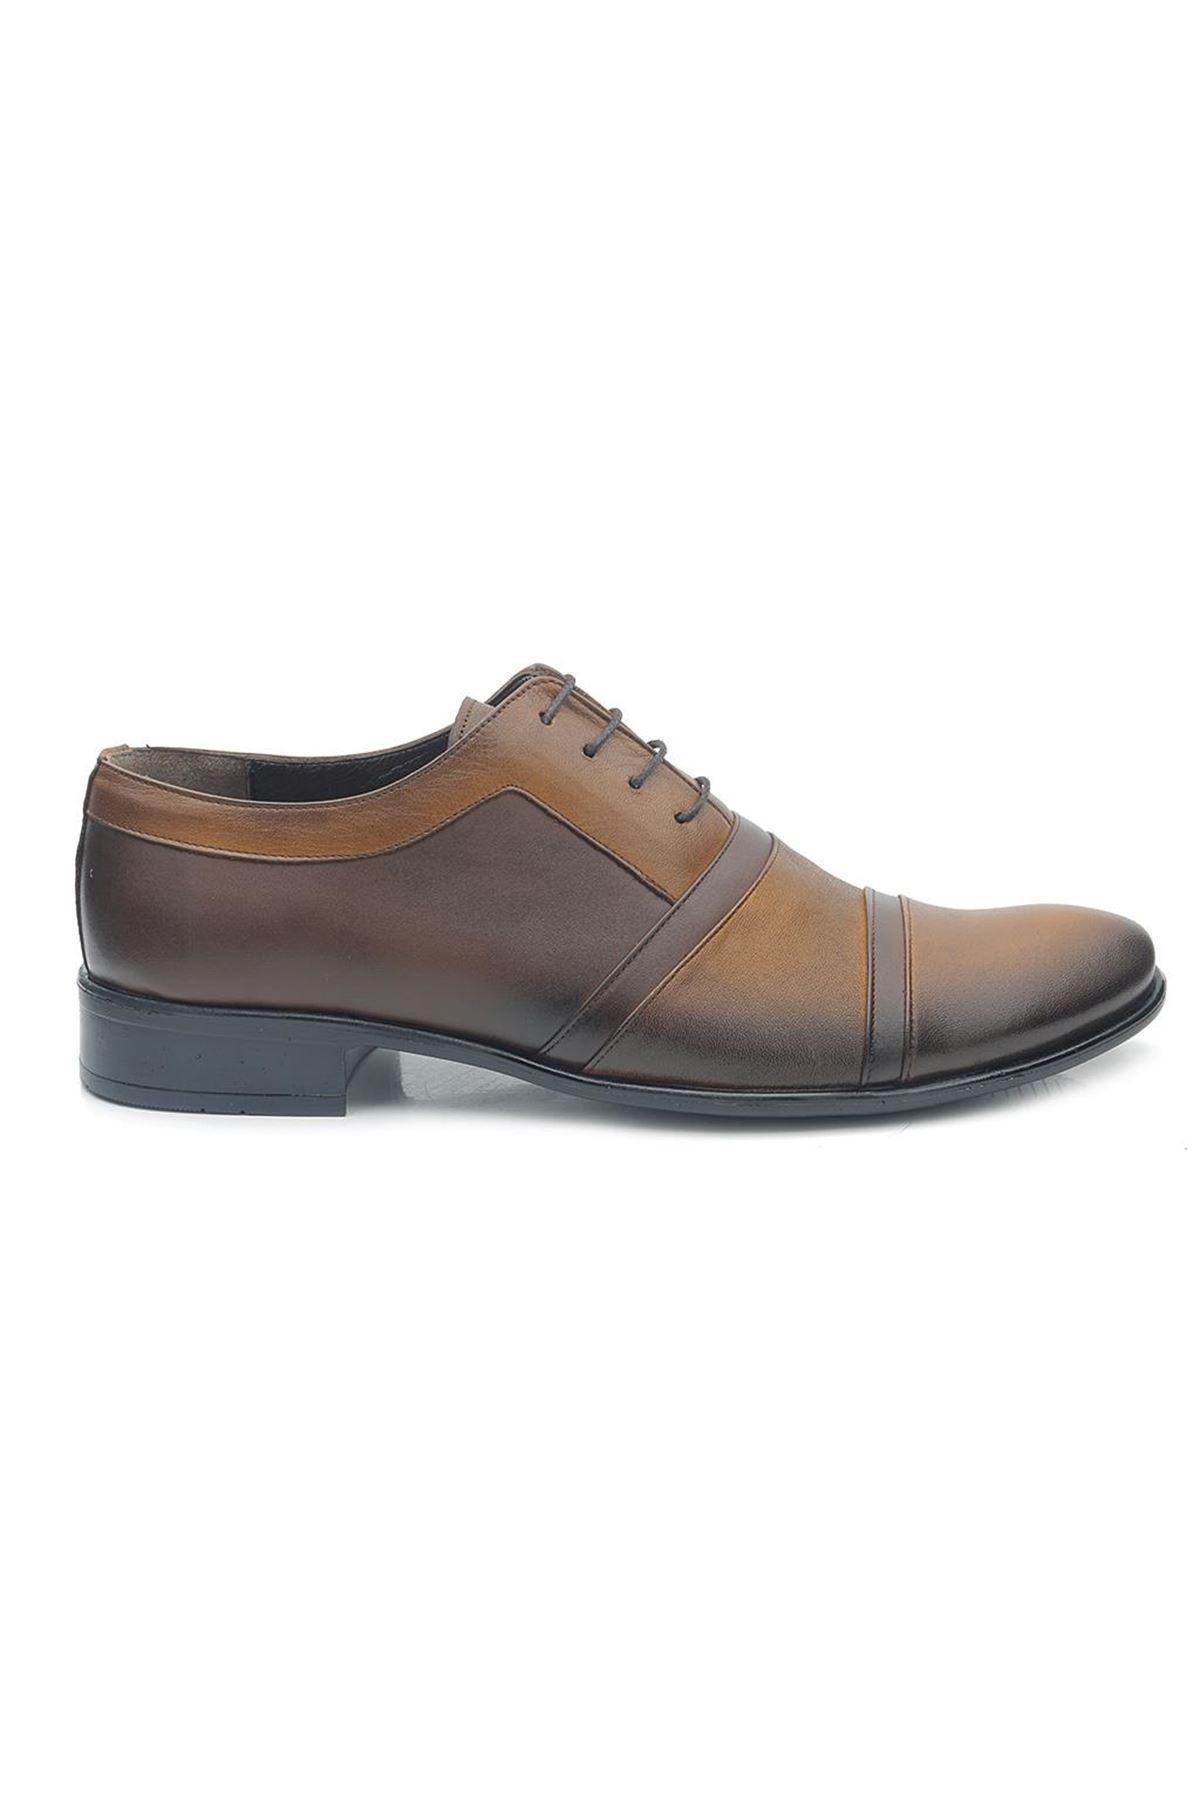 Man M010 Hakiki Deri Klasik Erkek Ayakkabı